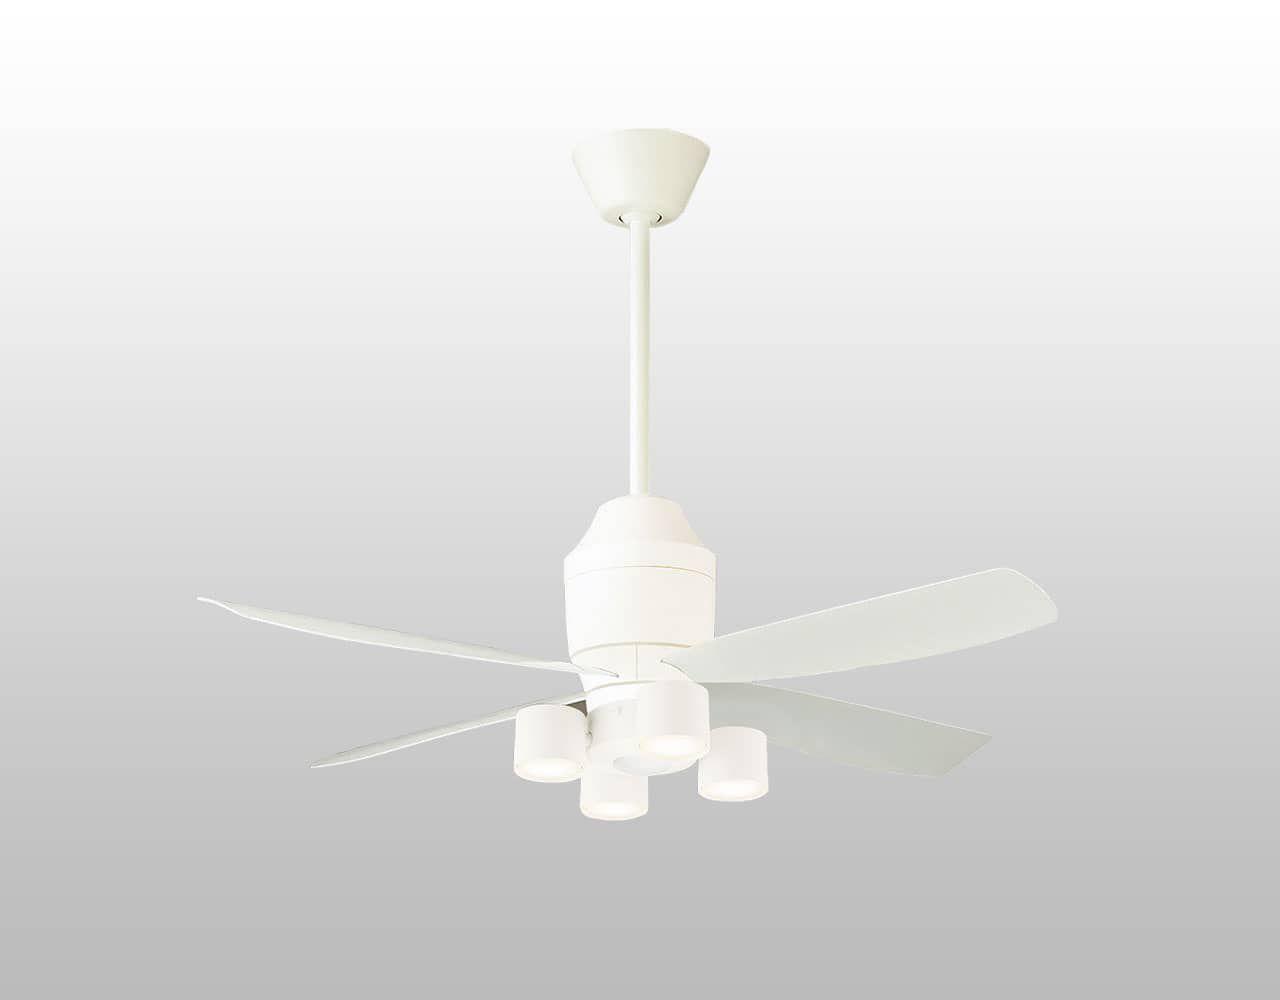 SP7070 + SPL5427(集光) + SPK031K + SPK071 + LLD3020MLCE1 / LLD3020MVCE1 / LLD3020MNCE1,クラス700[集光タイプ]Ra90[美ルック] 大風量 傾斜対応 LED 電球色/温白色/昼白色 4灯 軽量 Panasonic(パナソニック)製シーリングファンライト